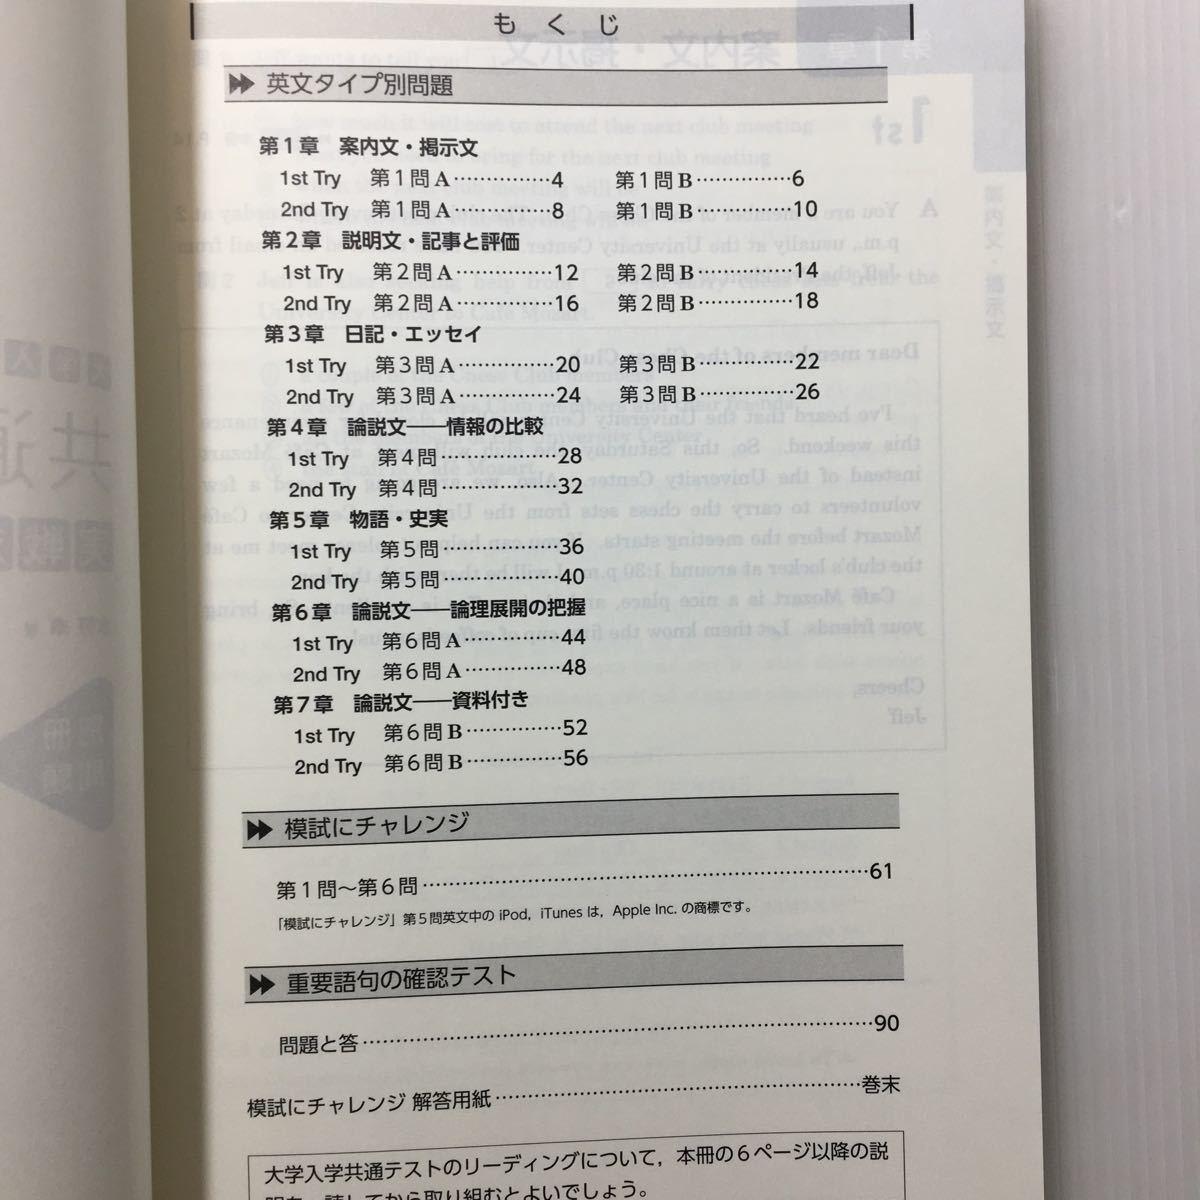 zaa-152♪大学入学共通テスト 現代文(記述式・マーク式)+英語(リーディング) 実戦対策問題集 2冊セット 単行本 2019/7/23 2